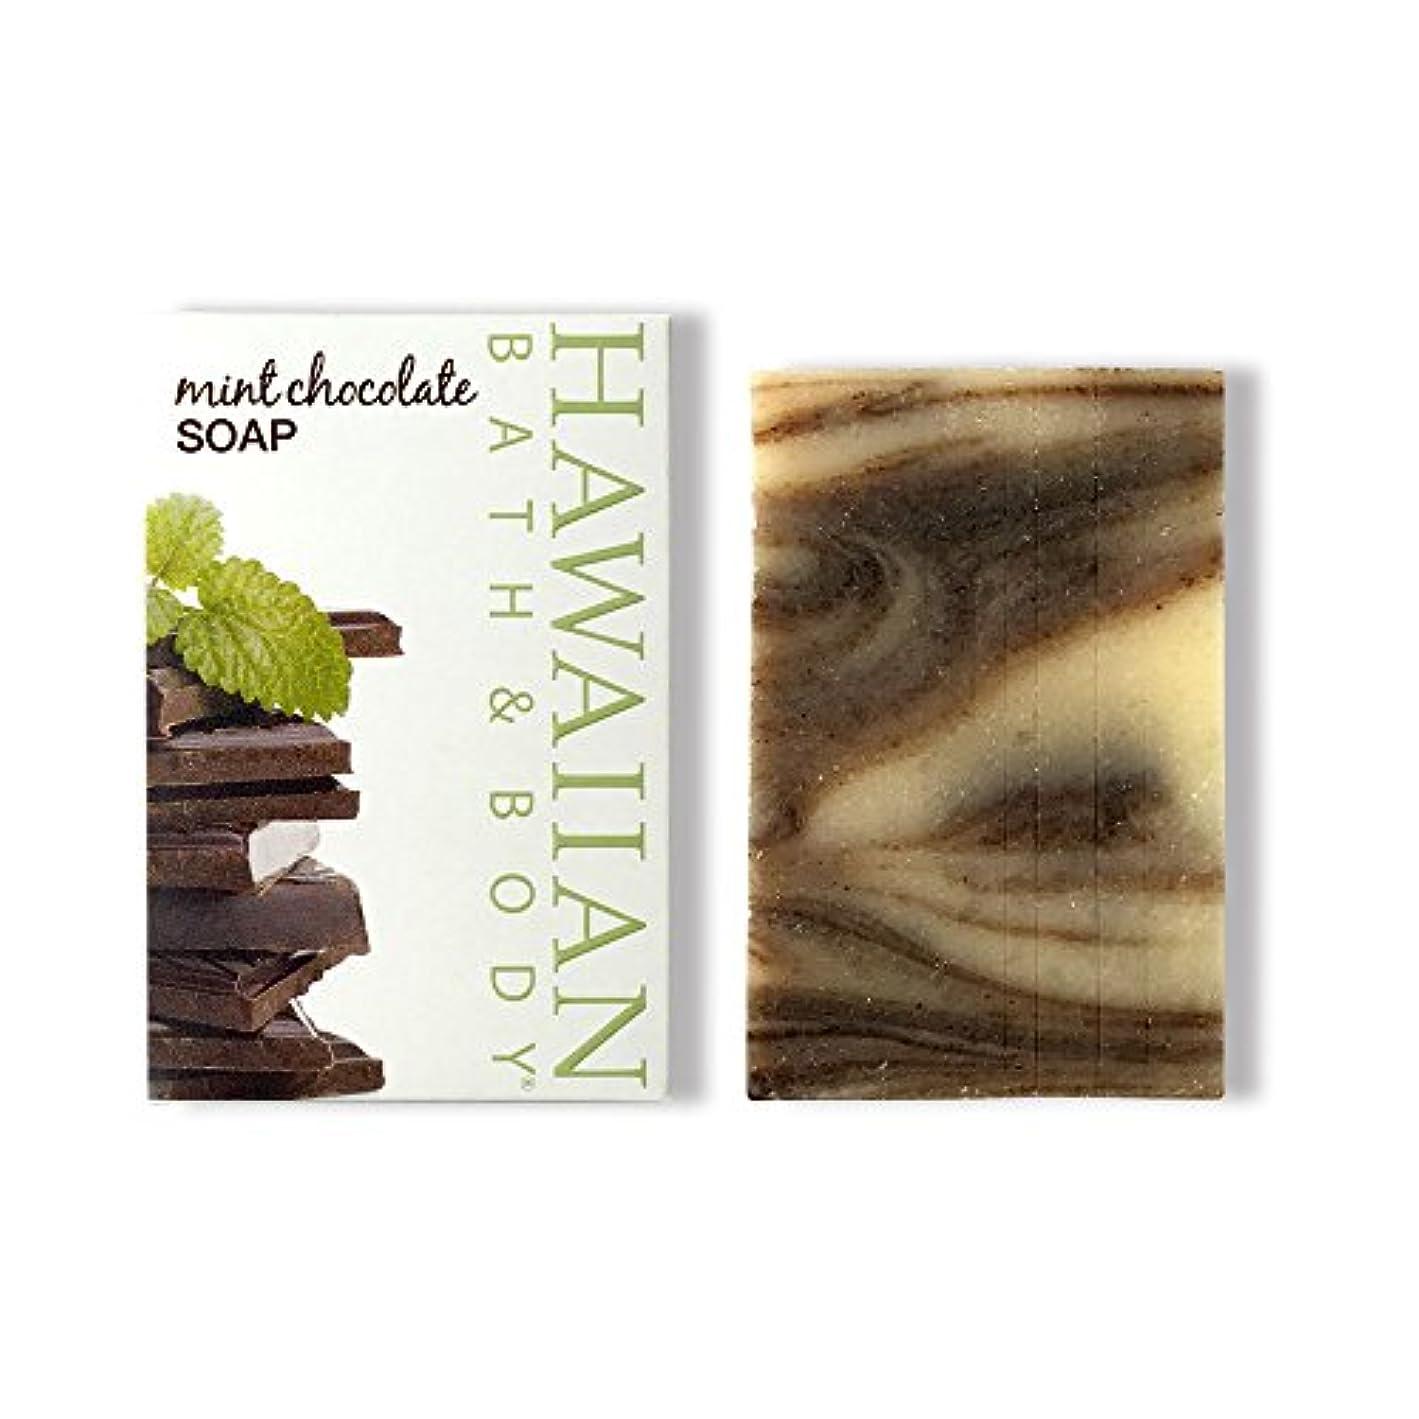 業界進行中エイズハワイアンバス&ボディ ハワイアン?ミントチョコレートソープ ( Hawaii Mint Chocolate Soap )